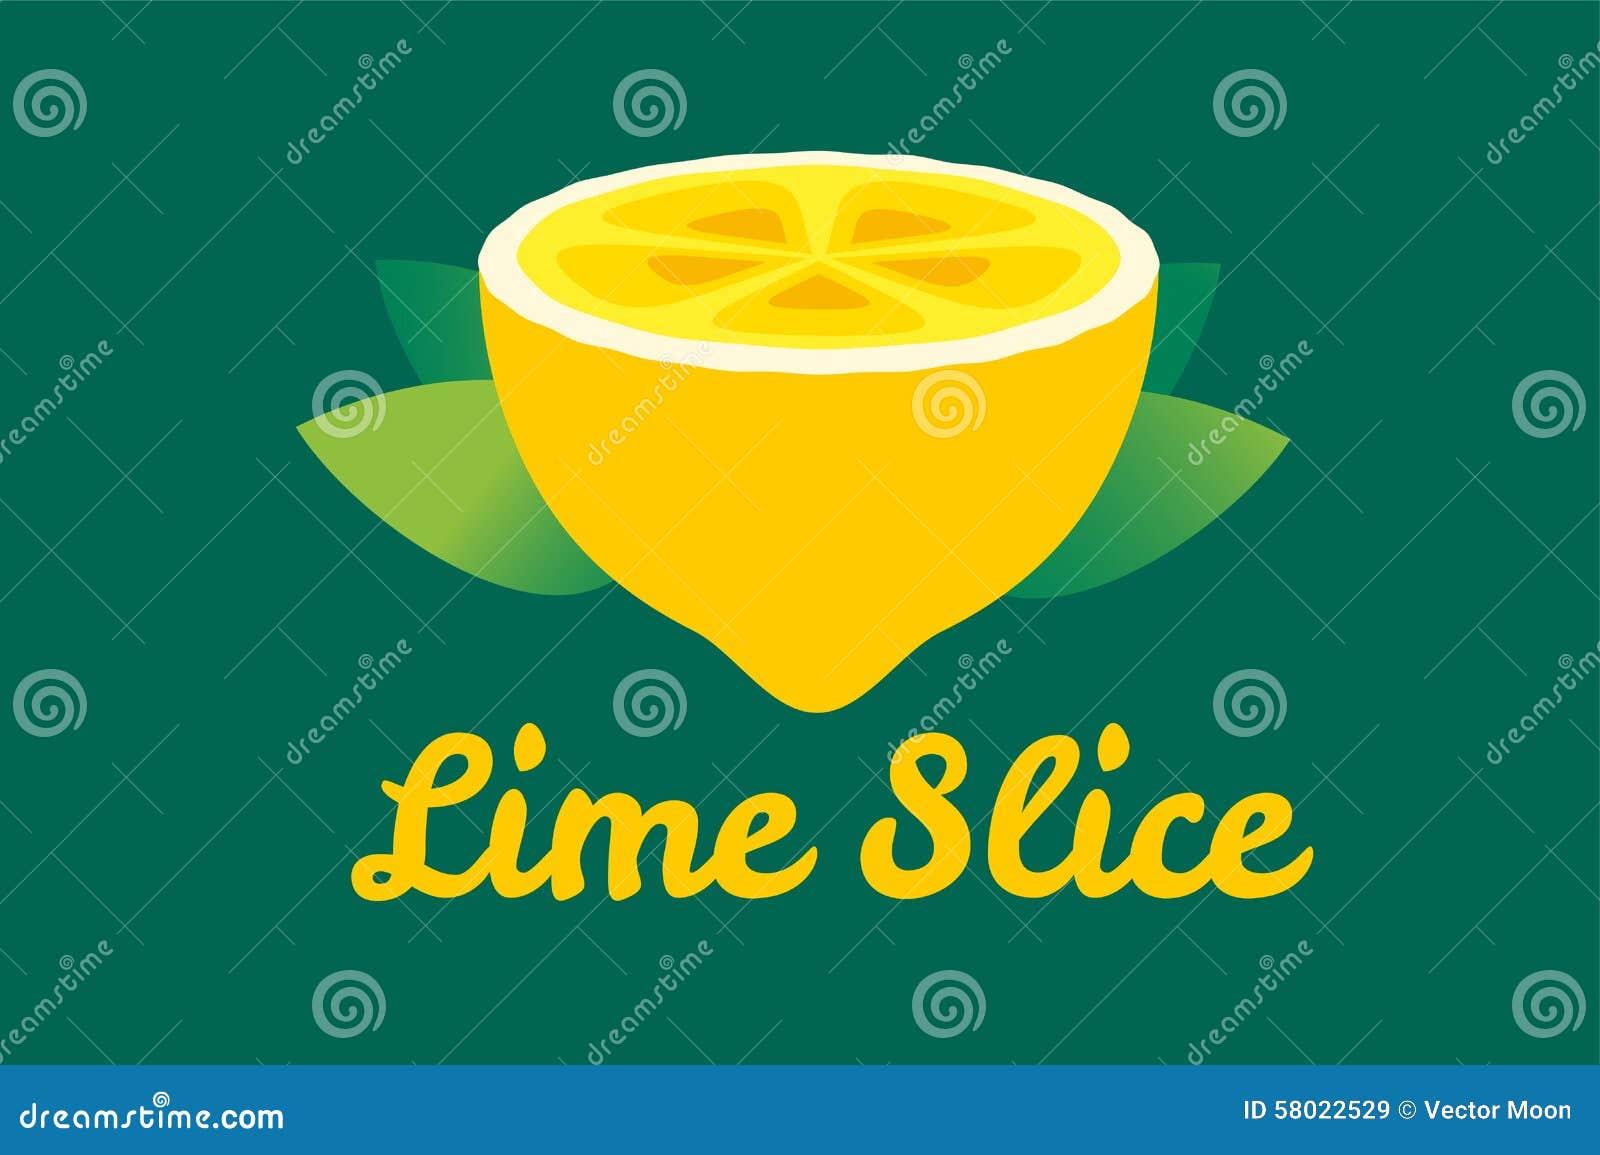 lime or lemon fruit slice lemonade juice logo stock